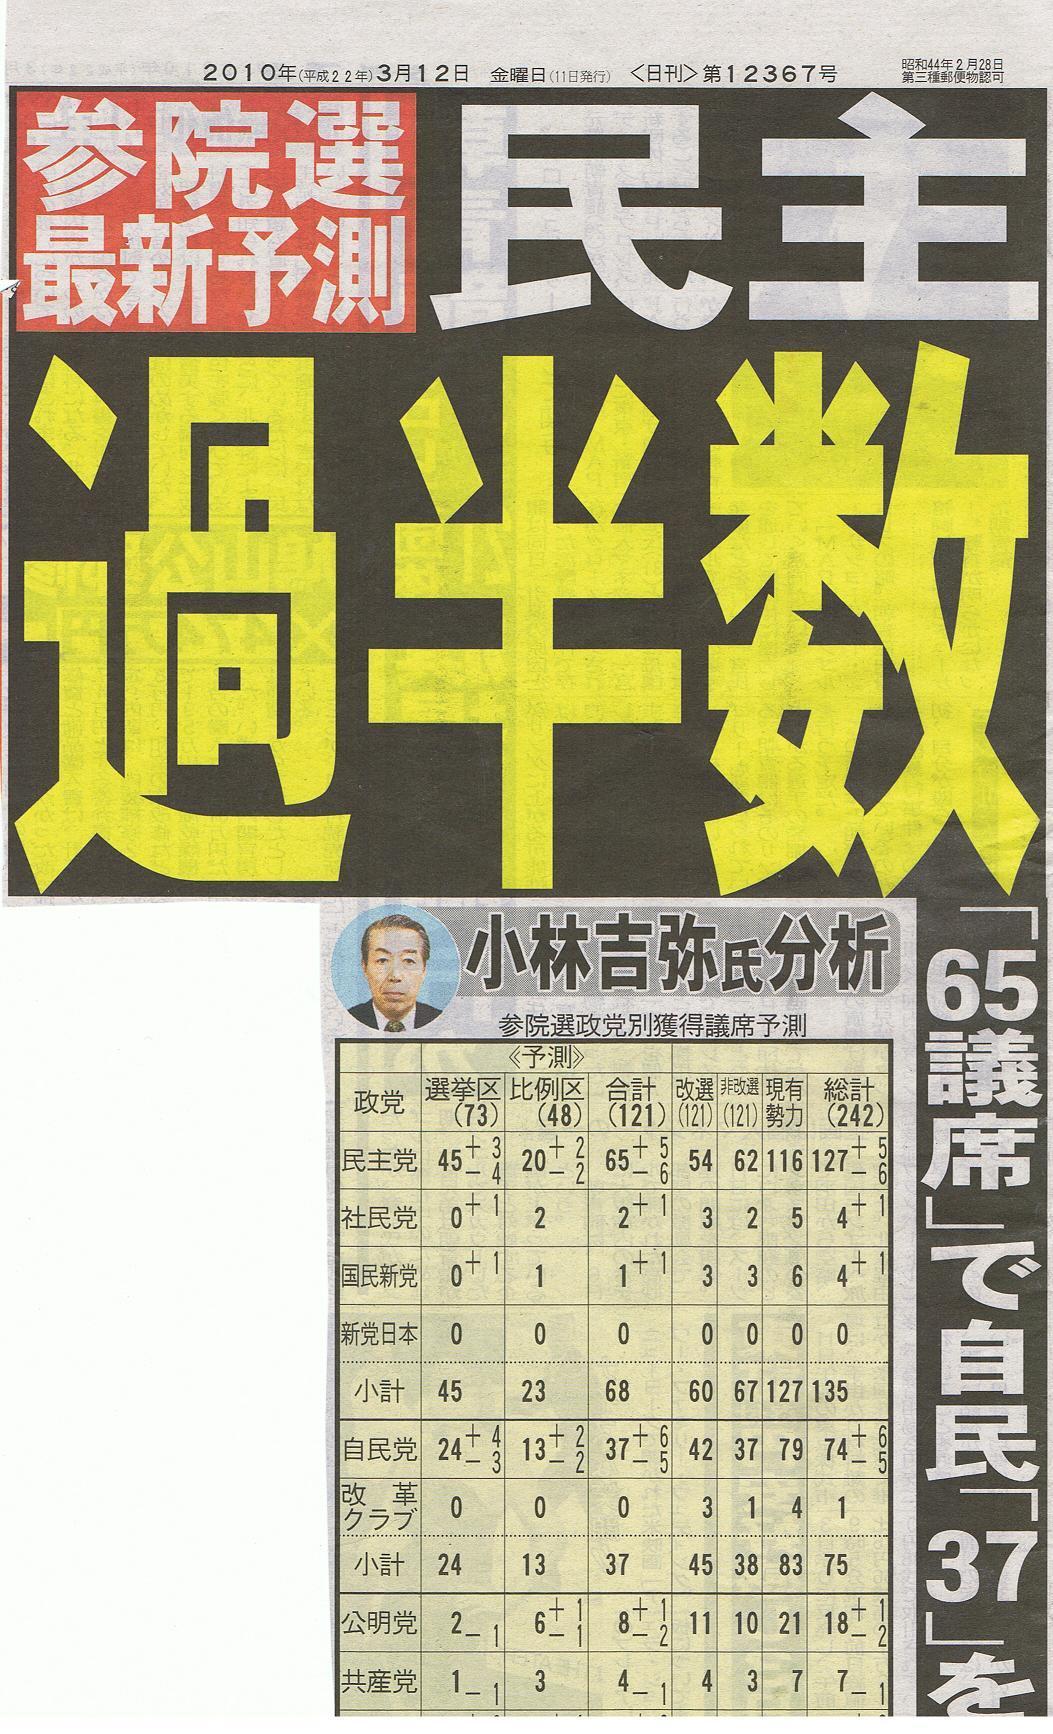 参院選予測:あの夕刊フジですら、民主の過半数を認めた。